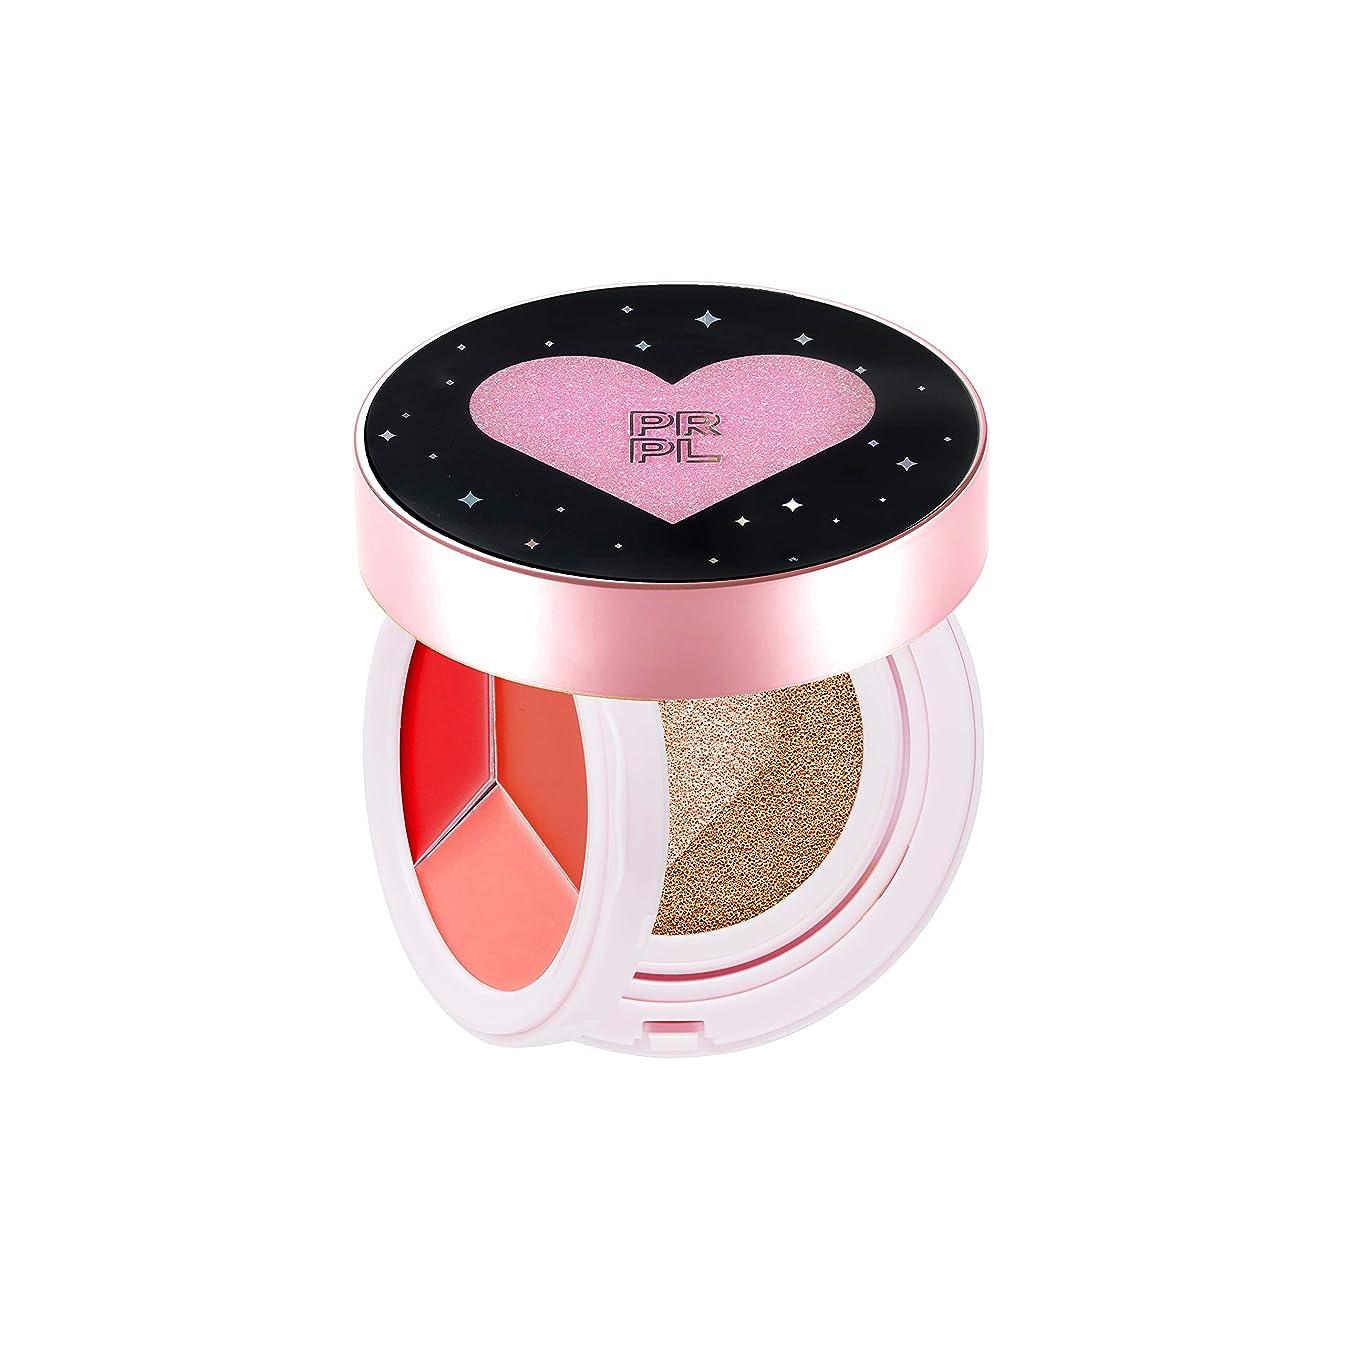 レンディション分数無礼にPRPL Kiss and Heart Double Cushion (Black Edition) #23 Pure Beige - Korean Make-up, Cushion Foundation, Korean Beauty, Lip and Cheek, Dual Cushion